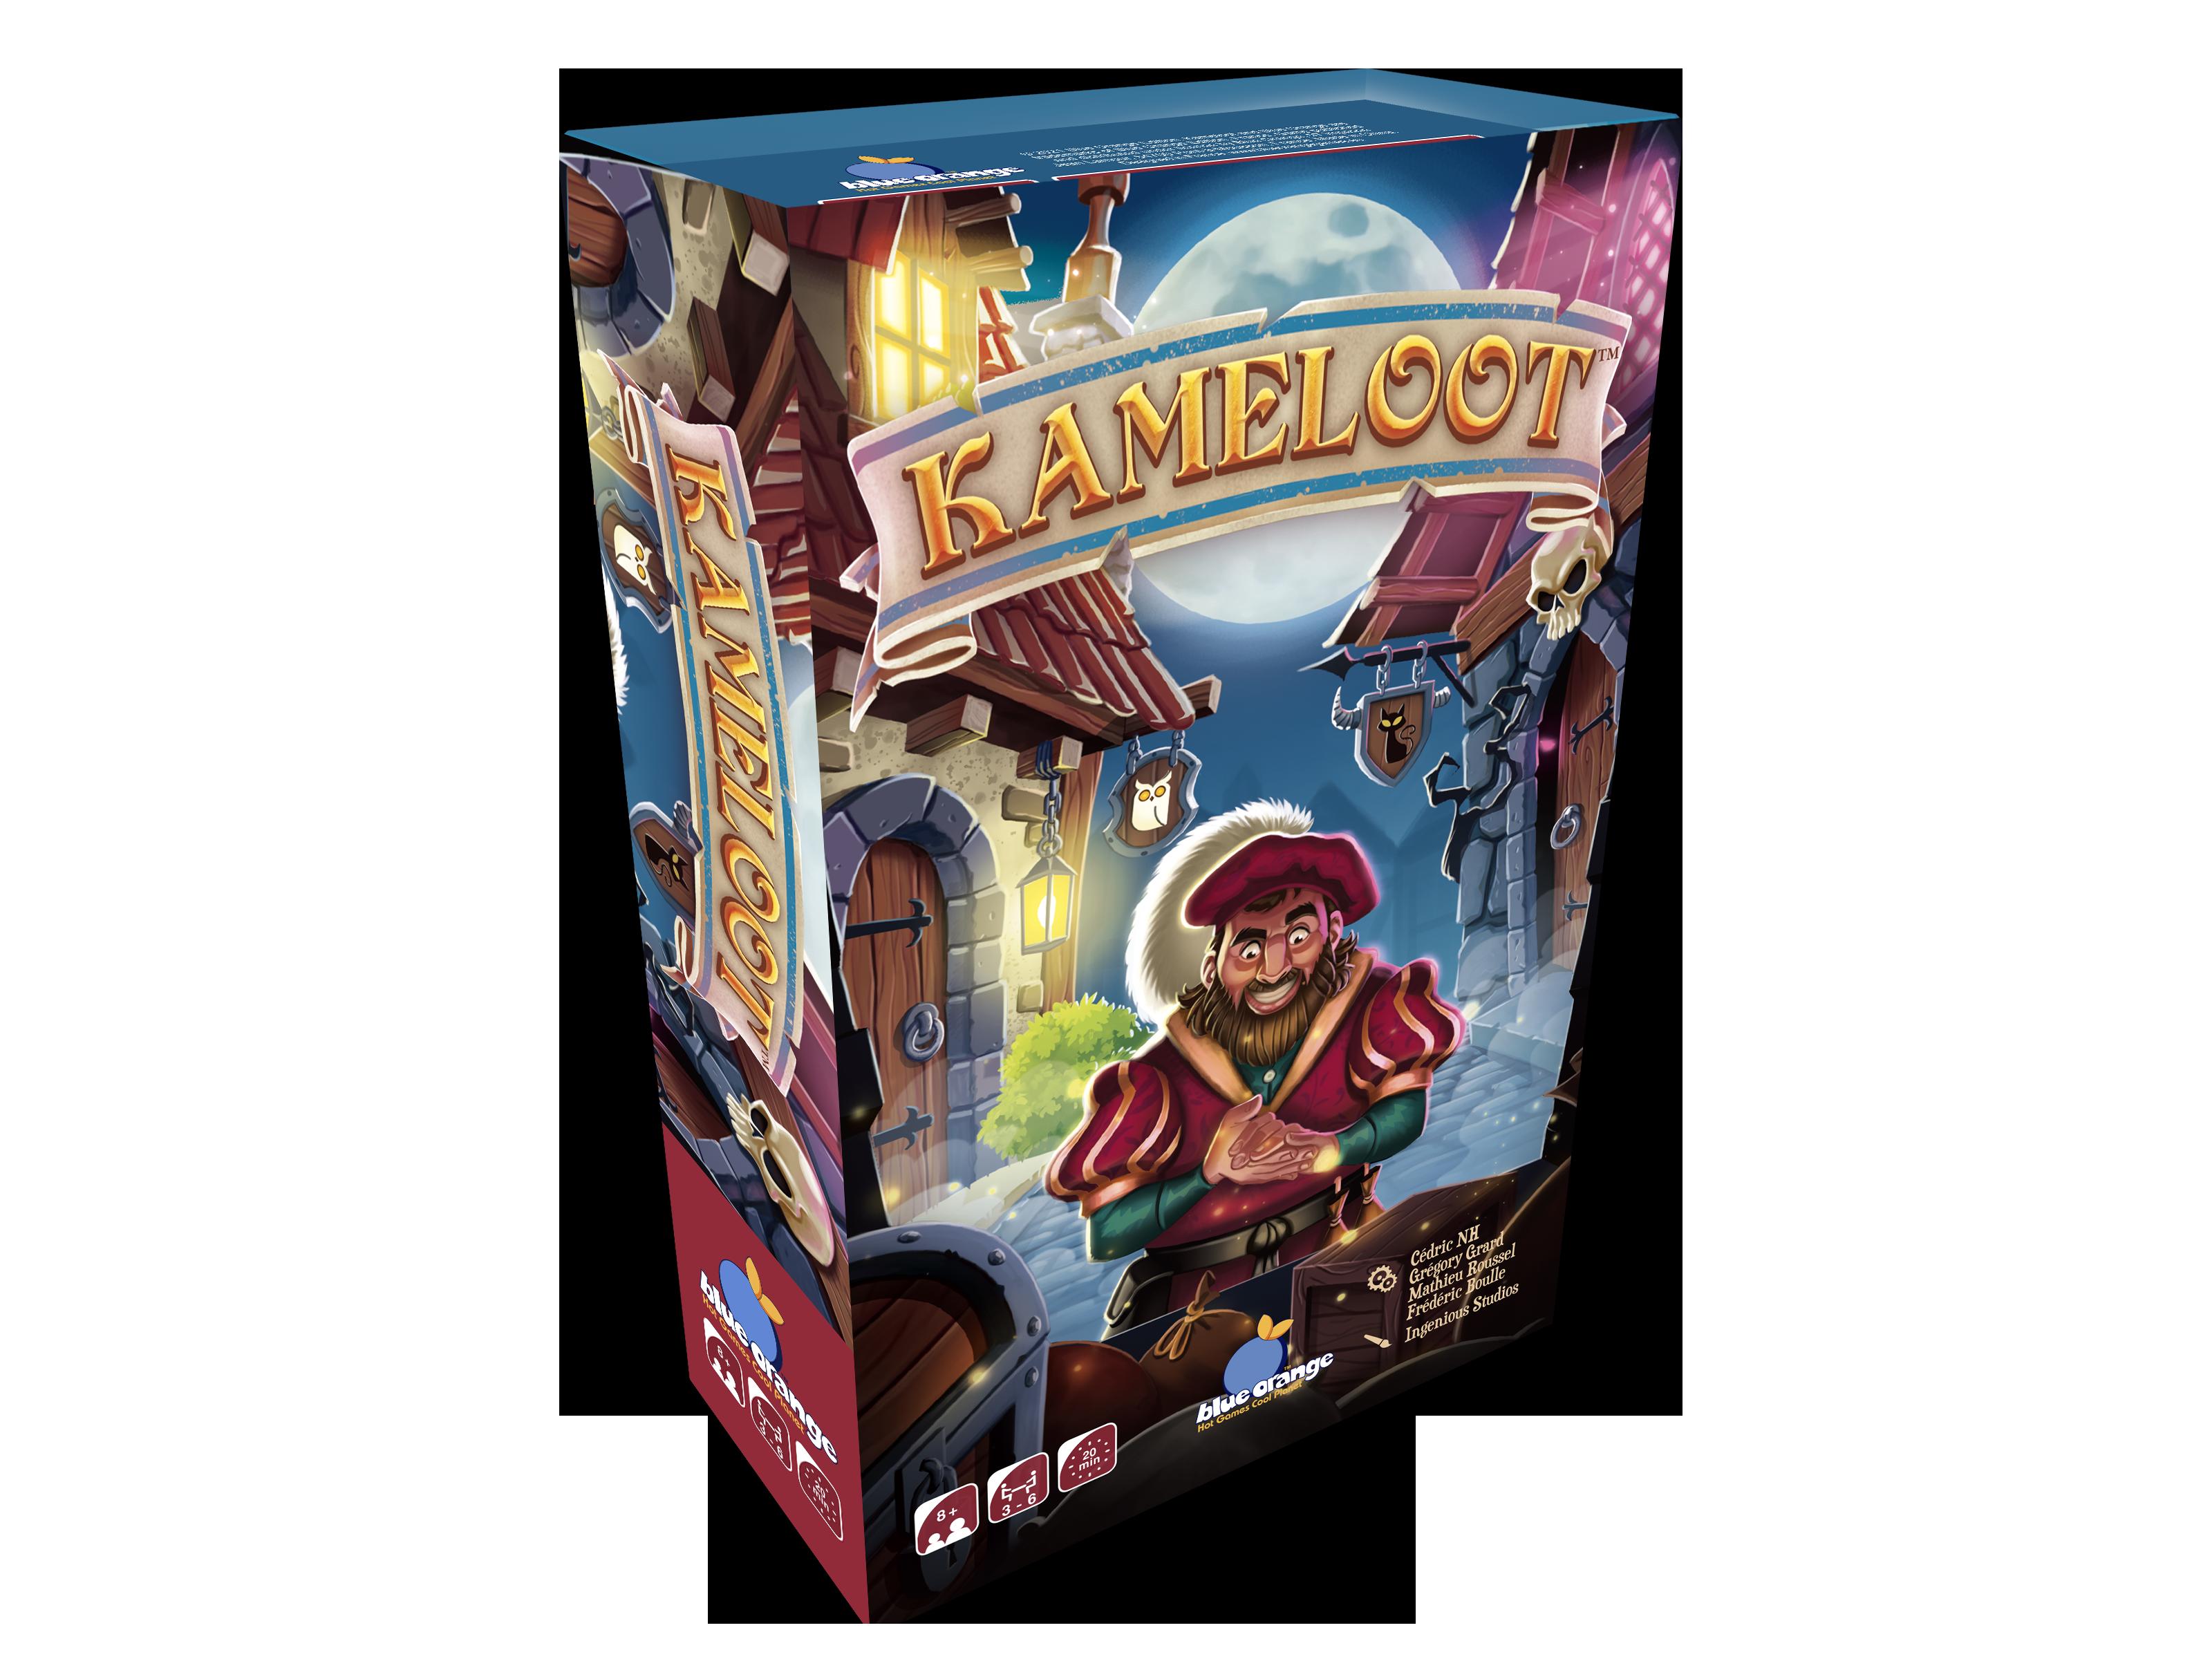 kameloot-3dbox